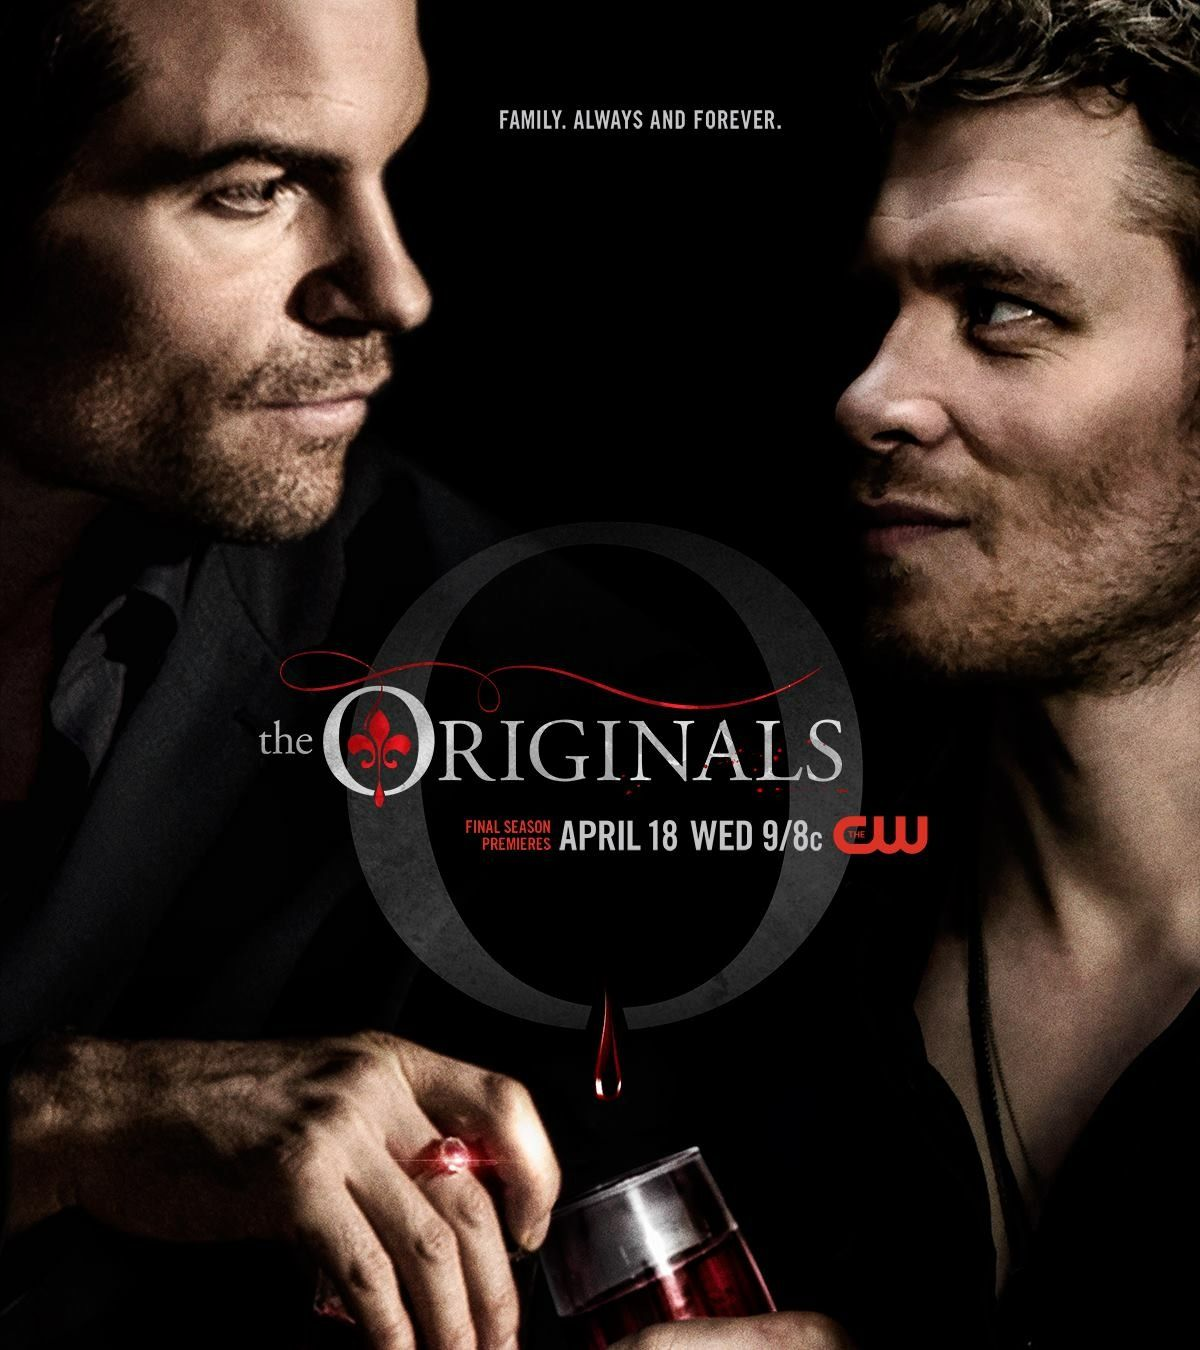 Pin De Sara Gueths Em The Originals Assistir The Originals